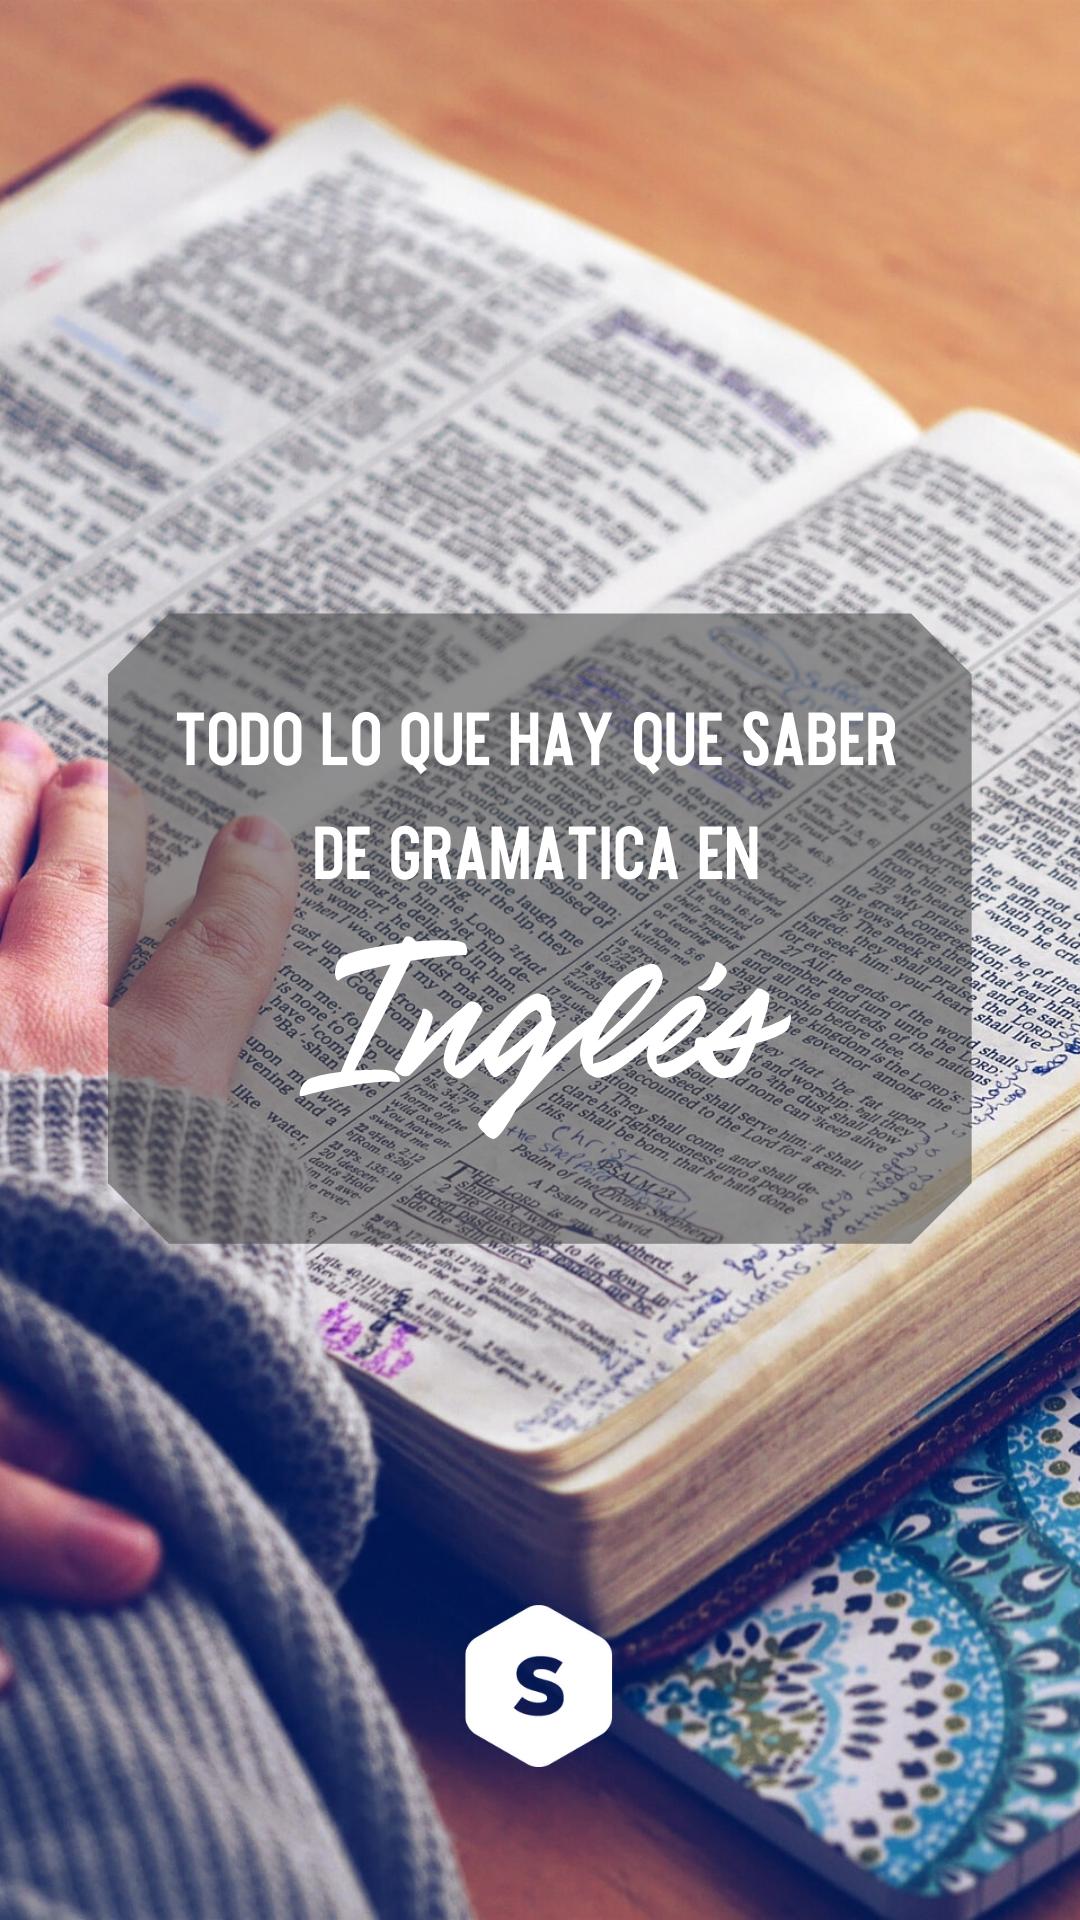 Mejorá Tu Gramática En Inglés App Para Aprender Ingles Libros Para Aprender Ingles Ingles